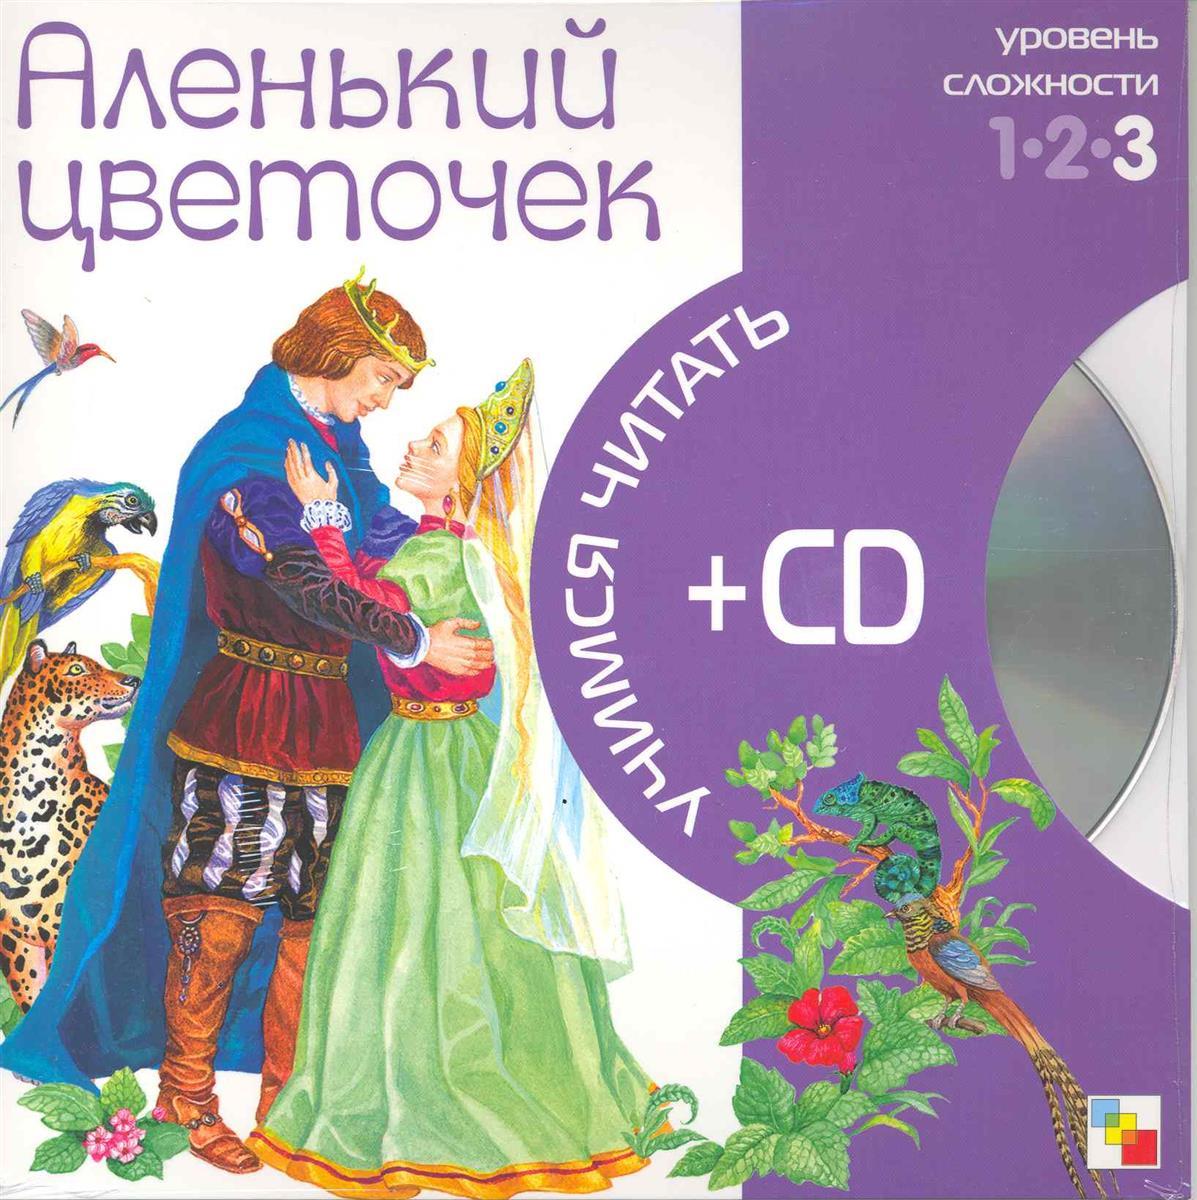 Аленький цветочек россия ёлочная игрушка шар аленький цветочек коллекция хохломские узоры white